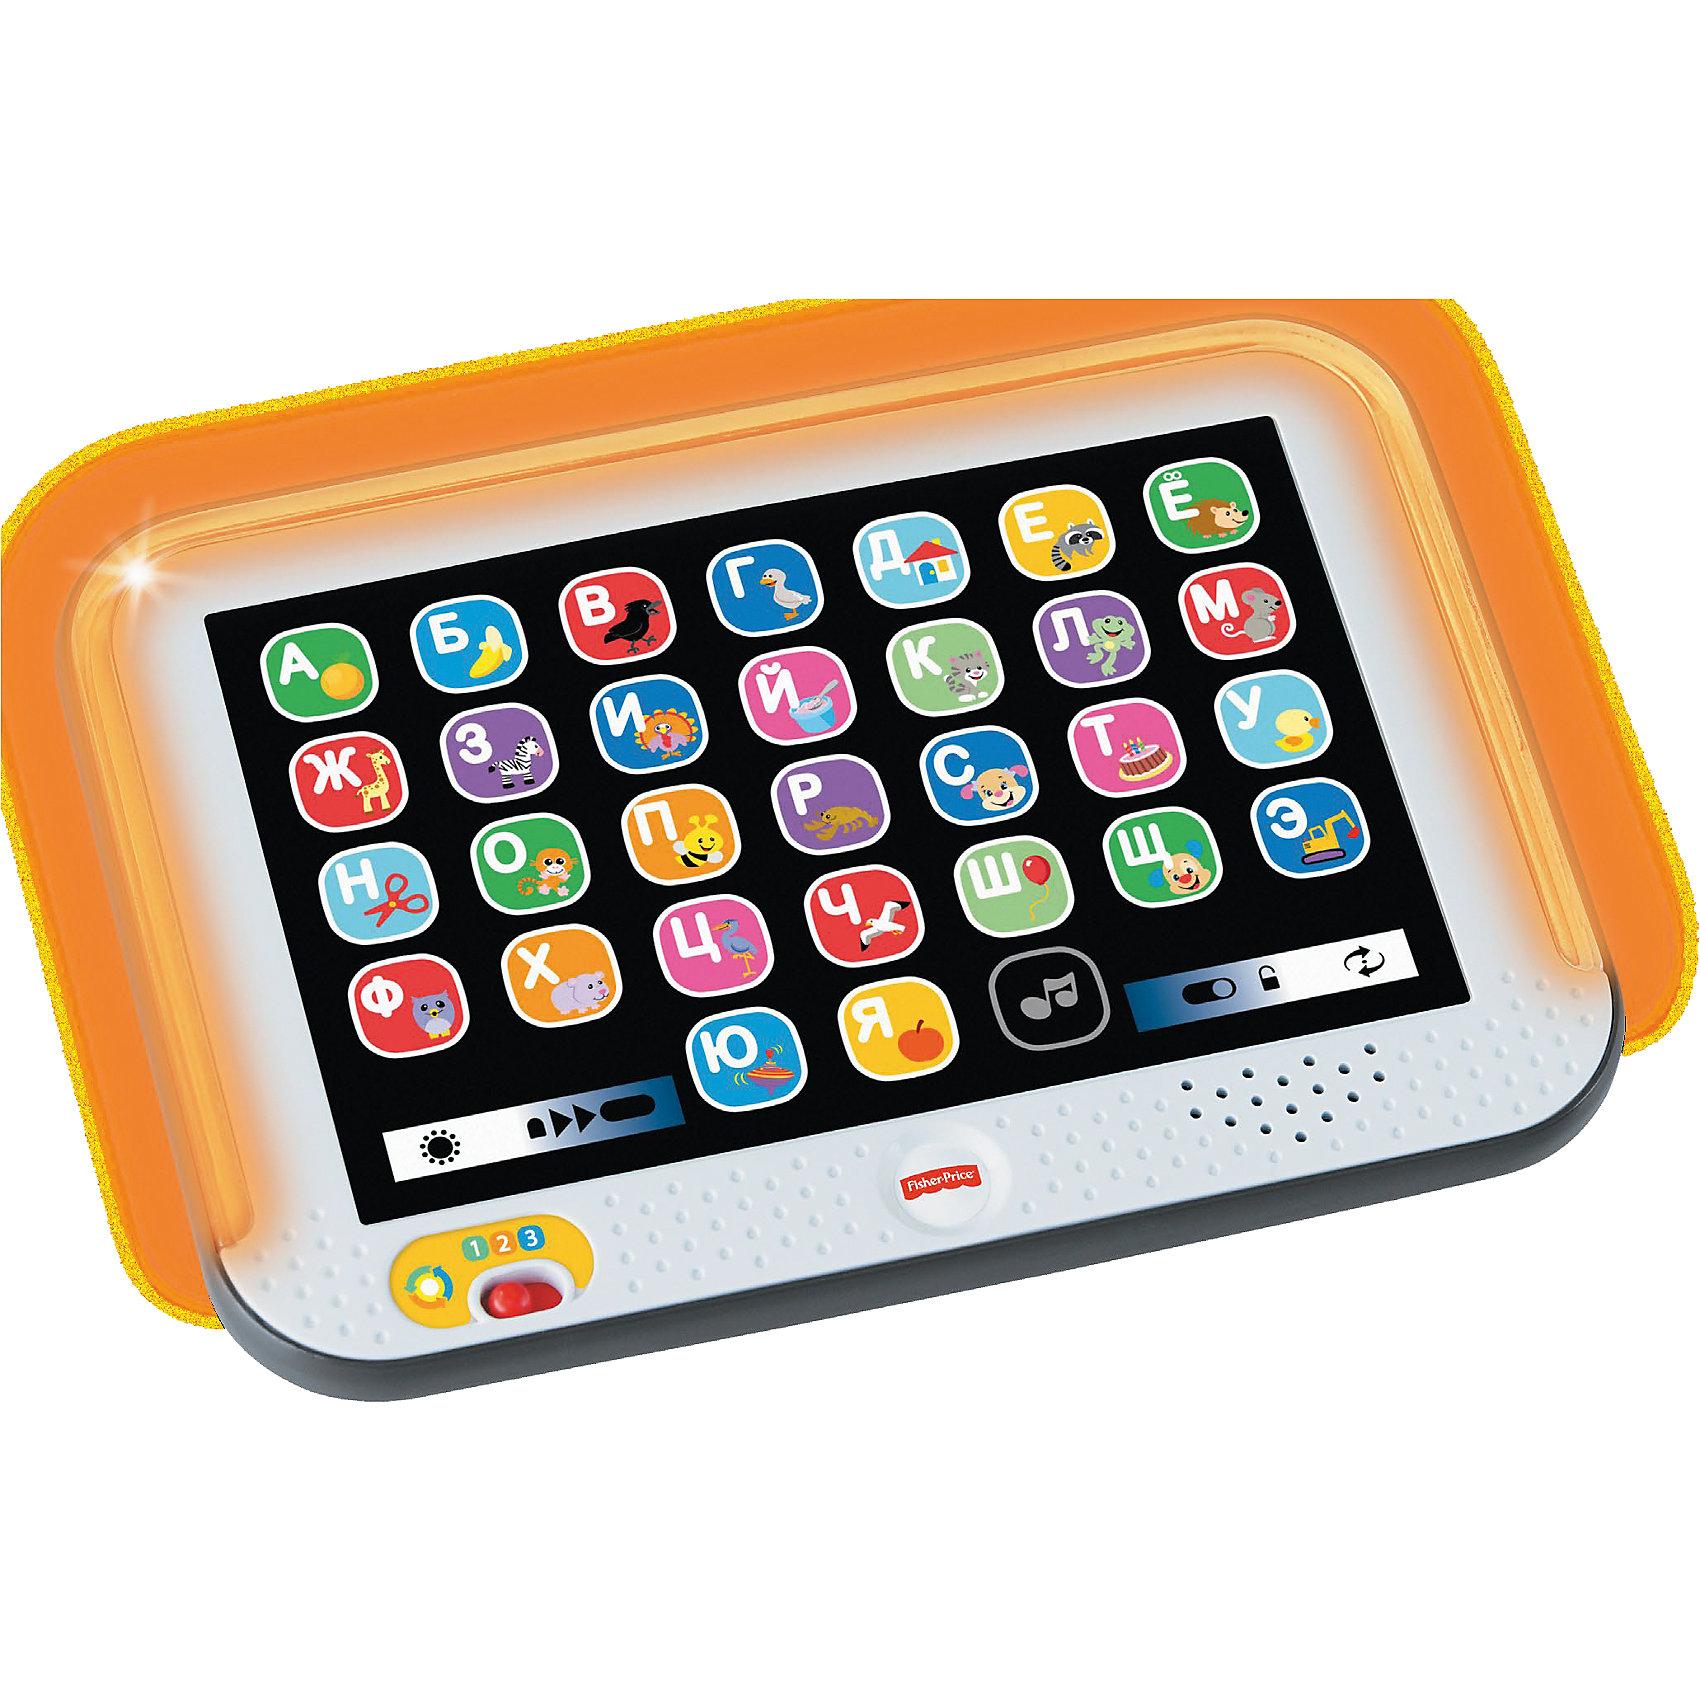 Обучающий планшет с технологией Smart Stages, Fisher PriceРазвивающие игрушки<br>В планшете - 3 режима, в каждом есть набор развивающих песенок и фраз, ориентированных на разный уровень развития малыша. В его распоряжении будет 28 кнопок, которые активируют песни и звуки. Программы помогают изучать алфавит, зверей и многое другое. В изделии есть и световые эффекты, которые помогут удержать внимание ребенка.<br><br>Дополнительная информация:<br><br>цвет: разноцветный;<br>материал: пластик;<br>возраст: от шести месяцев.<br>3 обучающих режима;<br>28 кнопок;<br>подсветка.<br><br>Обучающий планшет с технологией Smart Stages от Fisher Price можно купить в нашем магазине.<br><br>Ширина мм: 40<br>Глубина мм: 280<br>Высота мм: 205<br>Вес г: 409<br>Возраст от месяцев: 12<br>Возраст до месяцев: 36<br>Пол: Унисекс<br>Возраст: Детский<br>SKU: 4899979